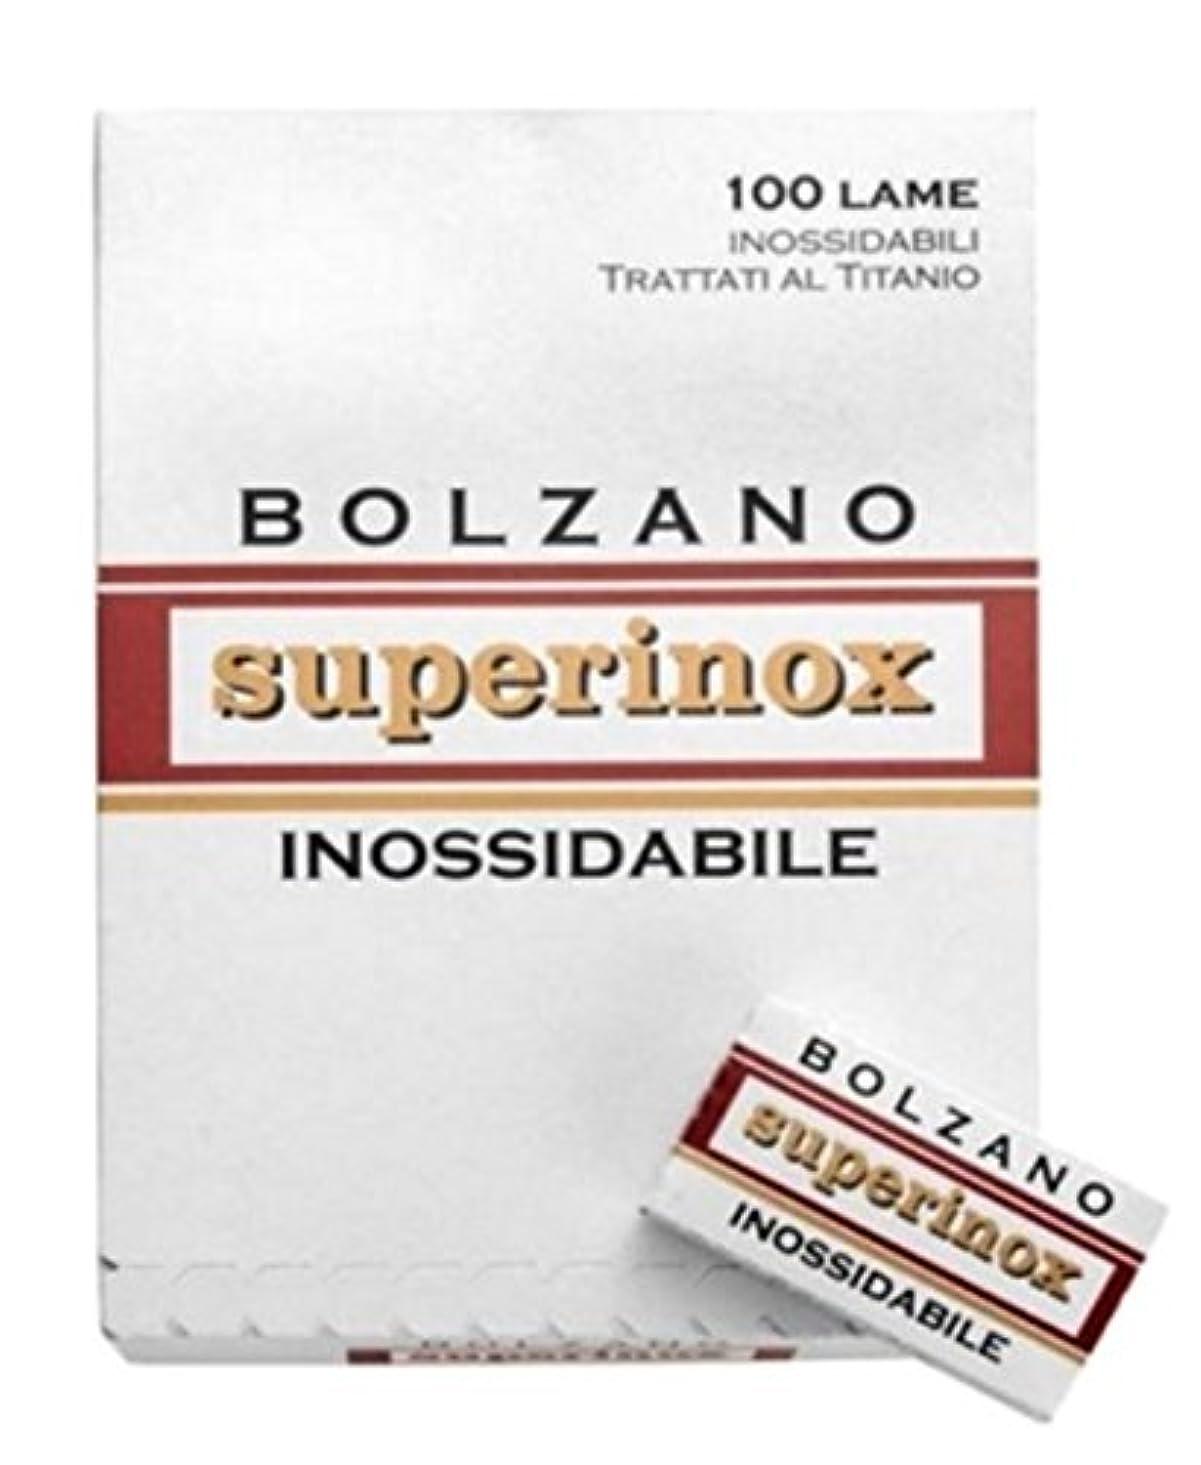 水没ましいチョークBolzano Superinox Inossidabile 両刃替刃 100枚入り(5枚入り20 個セット)【並行輸入品】